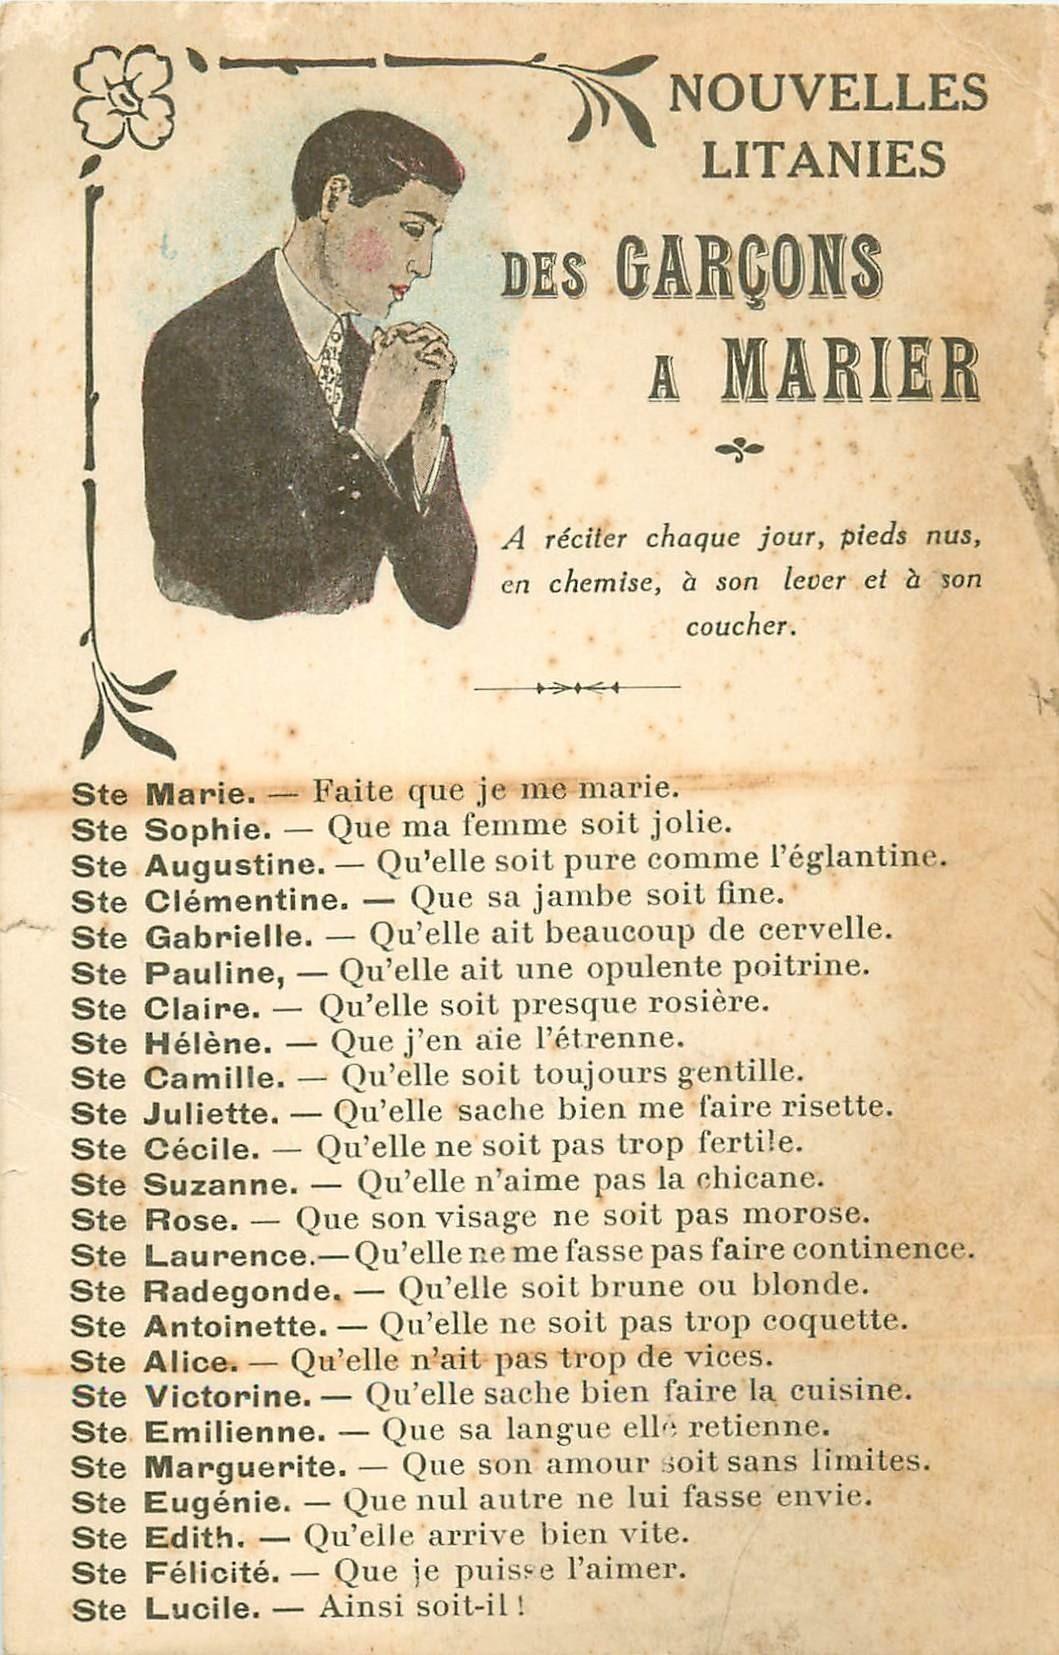 Nouvelles litanies pour des Garçons à marier. trace d'ancienneté et vierge